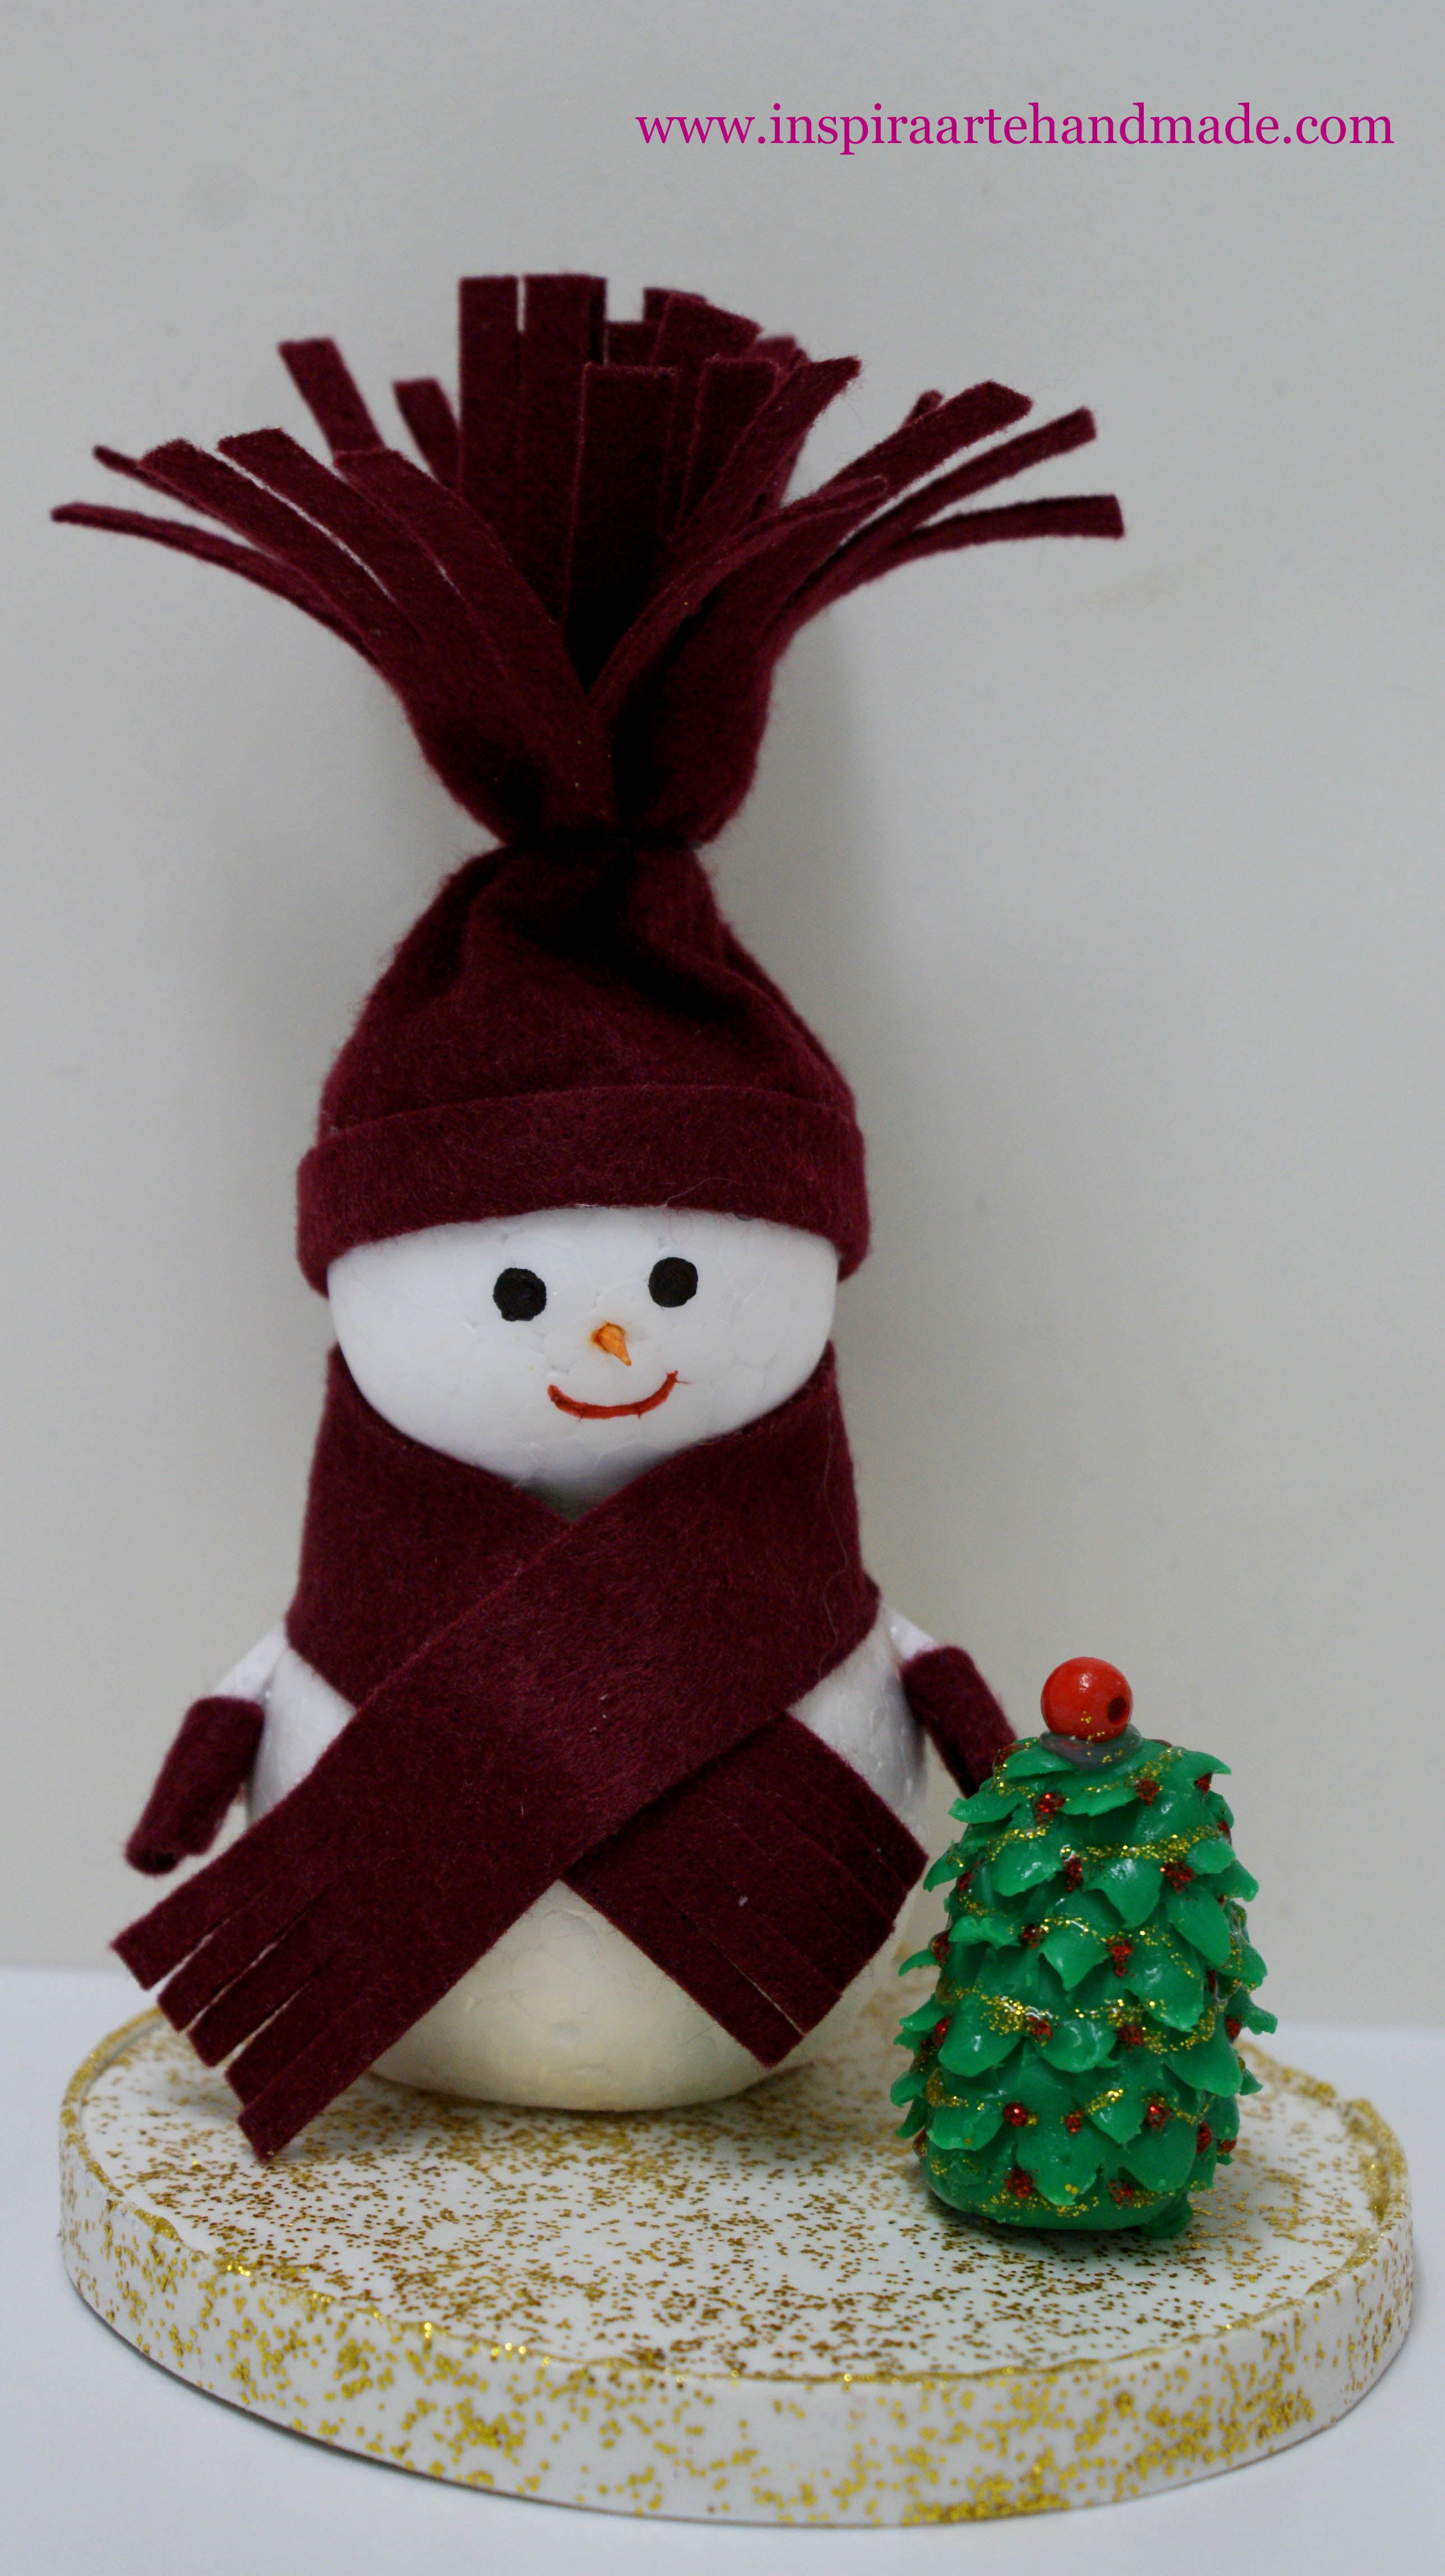 Muñeco de nieve con árbol